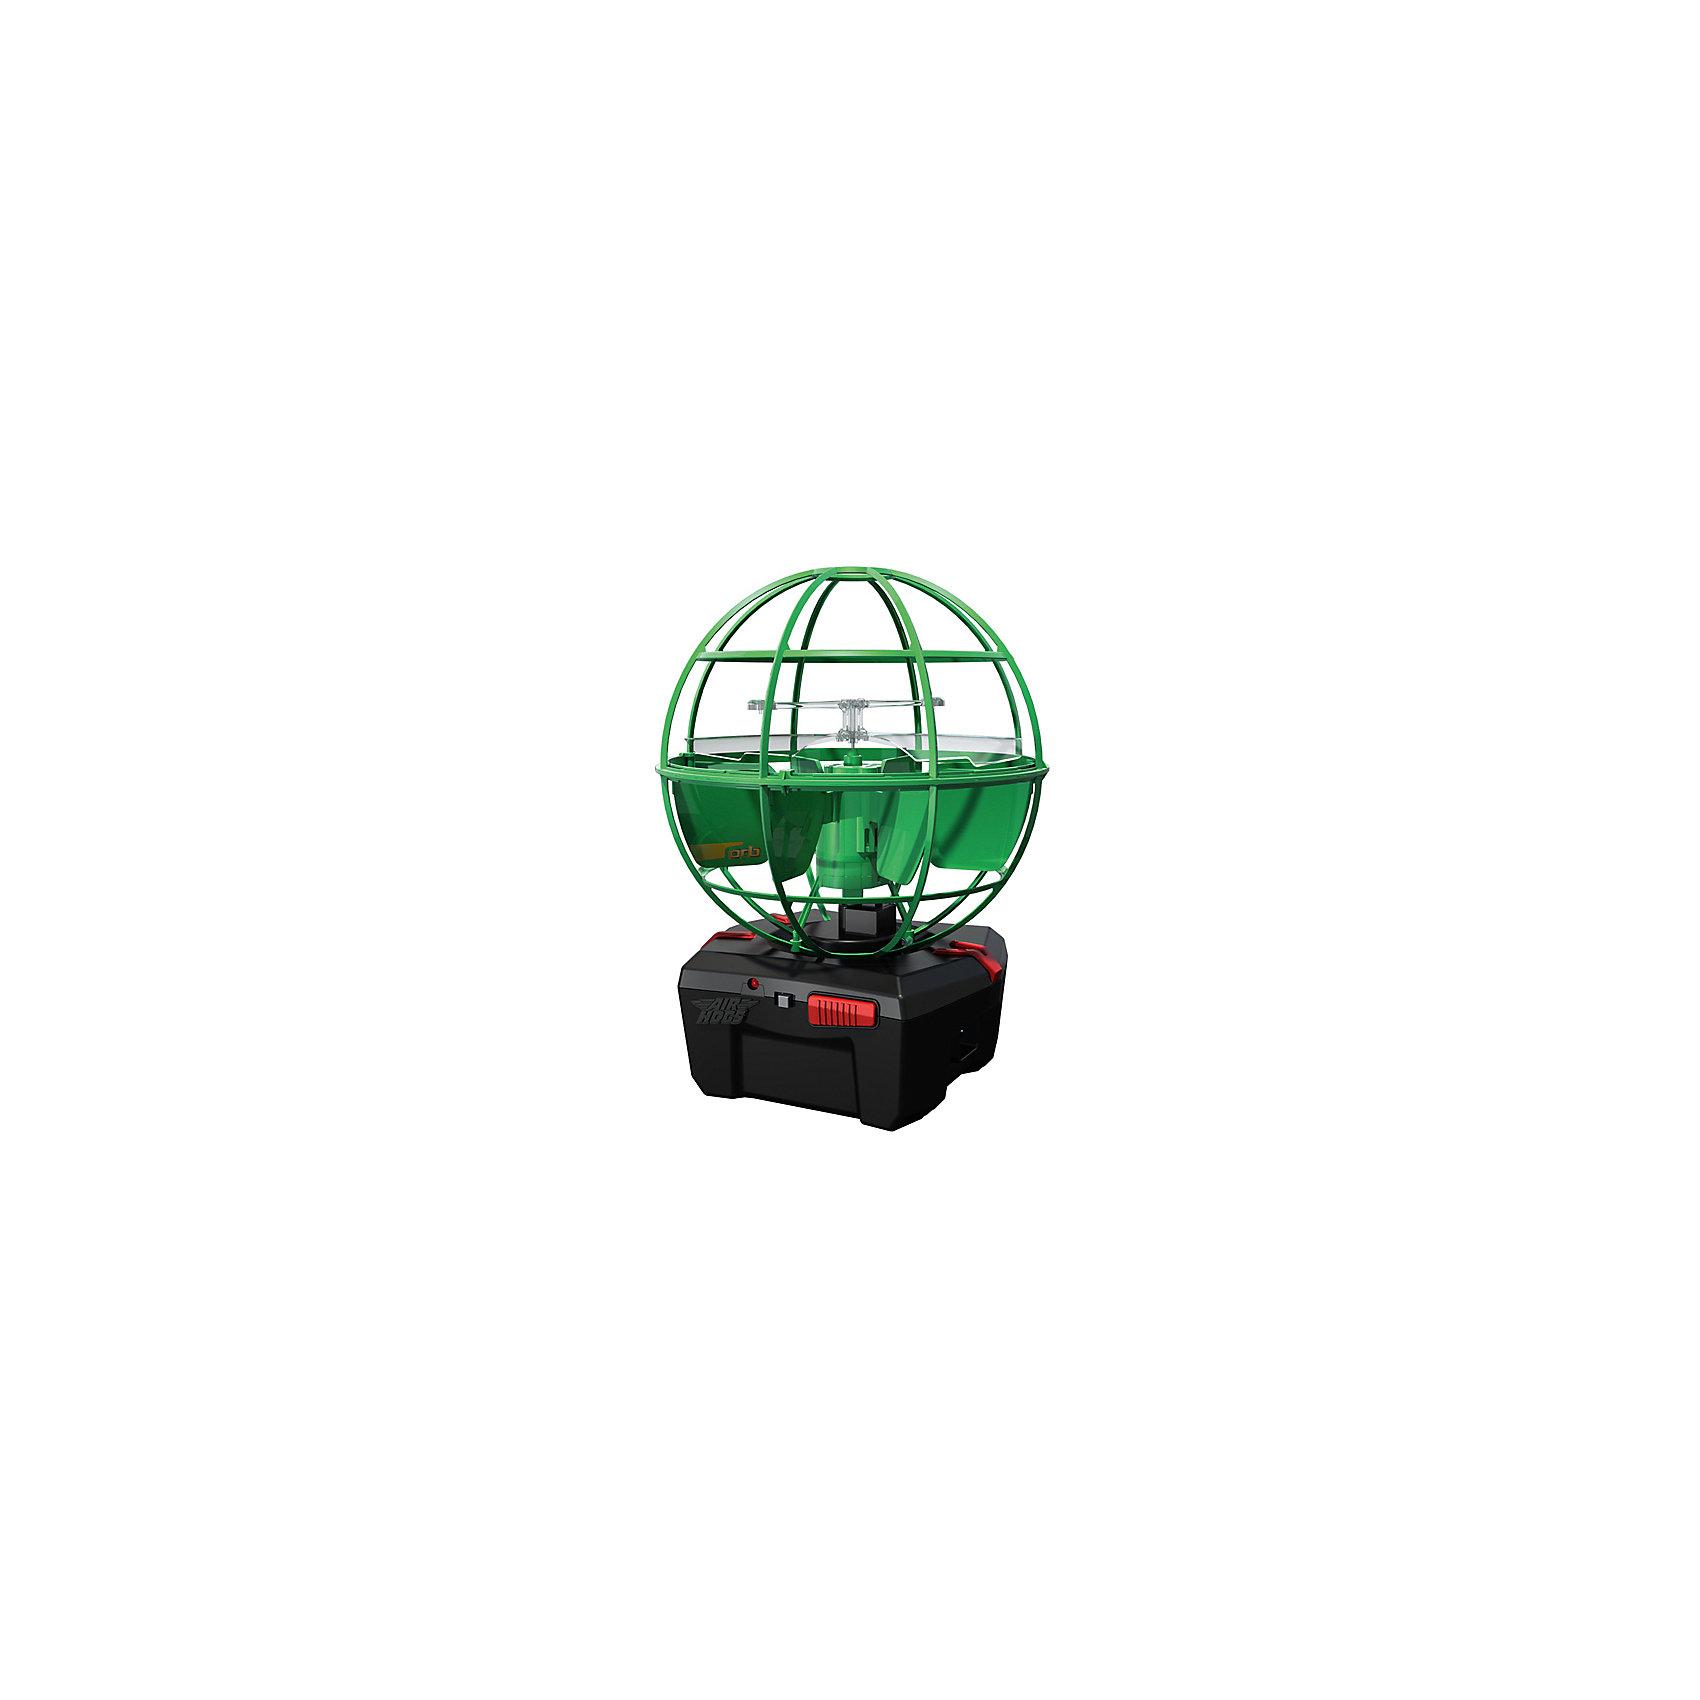 Игрушка НЛО Летающий шар, зелено-серый, AIR HOGSИнтерактивные игрушки для малышей<br>Характеристики:<br><br>• световые эффекты – подсветка шара;<br>• наличие сенсоров;<br>• ударопрочный шар, не разбивается при падении;<br>• для подзарядки шара используется подставка-база;<br>• тип батареек: 6 шт. типа АА;<br>• батарейки в комплект не входят;<br>• комплектация: летающий шар, зарядное устройство;<br>• размер упаковки: 30х23х13 см.<br><br>НЛО Летающий шар сферической формы оснащен сенсорами. Шар можно перебрасывать друг другу, при столкновении с препятствием шар отталкивается от поверхности и меняет траекторию движения. <br><br>Игрушка НЛО Летающий шар, зелено-серый, AIR HOGS можно купить в нашем магазине.<br><br>Ширина мм: 300<br>Глубина мм: 230<br>Высота мм: 130<br>Вес г: 419<br>Возраст от месяцев: 36<br>Возраст до месяцев: 2147483647<br>Пол: Мужской<br>Возраст: Детский<br>SKU: 5255003